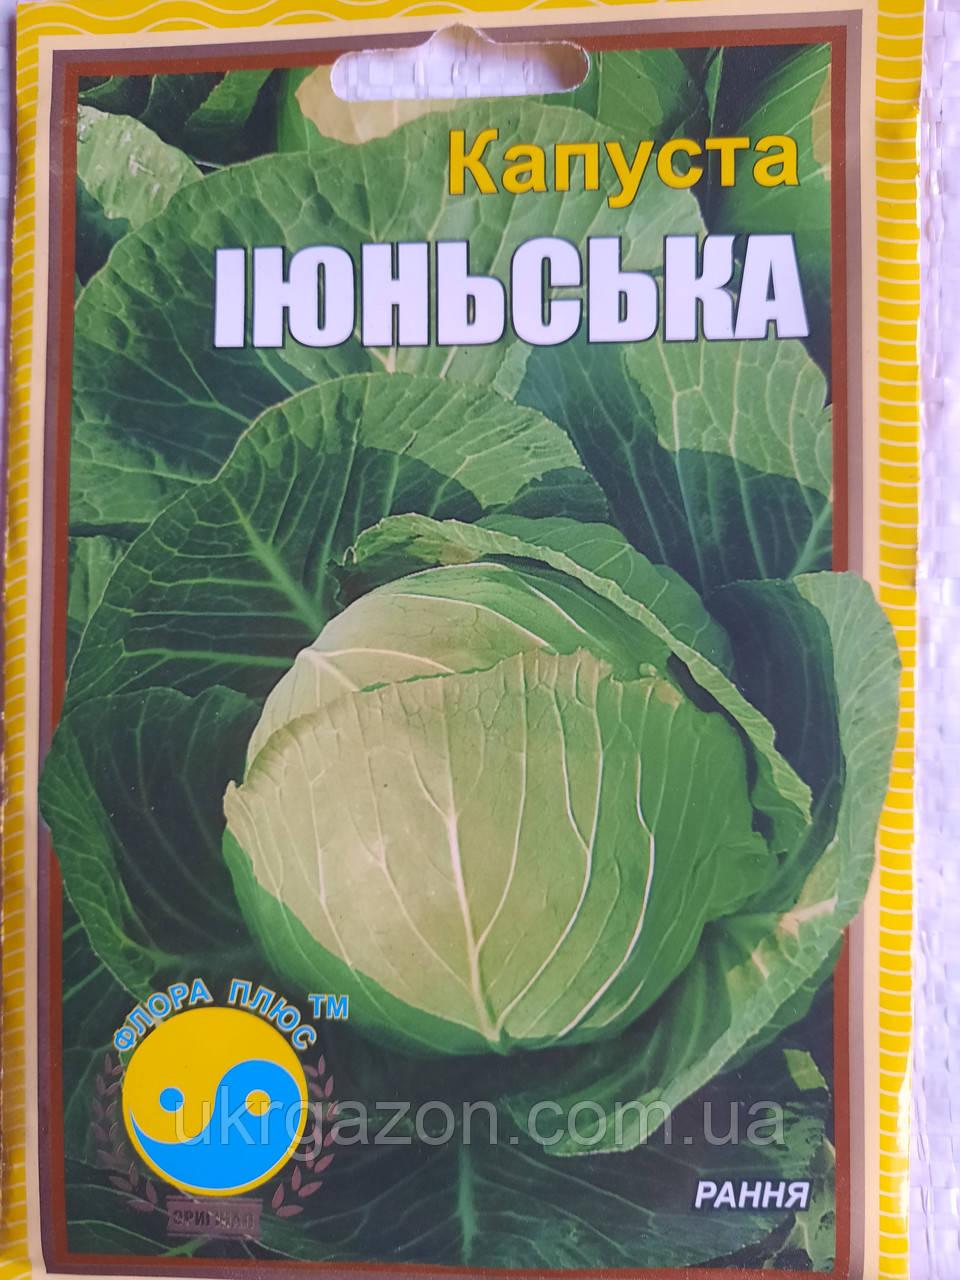 Капуста ИЮНСЬКА 5г (ТМ Флора плюс)